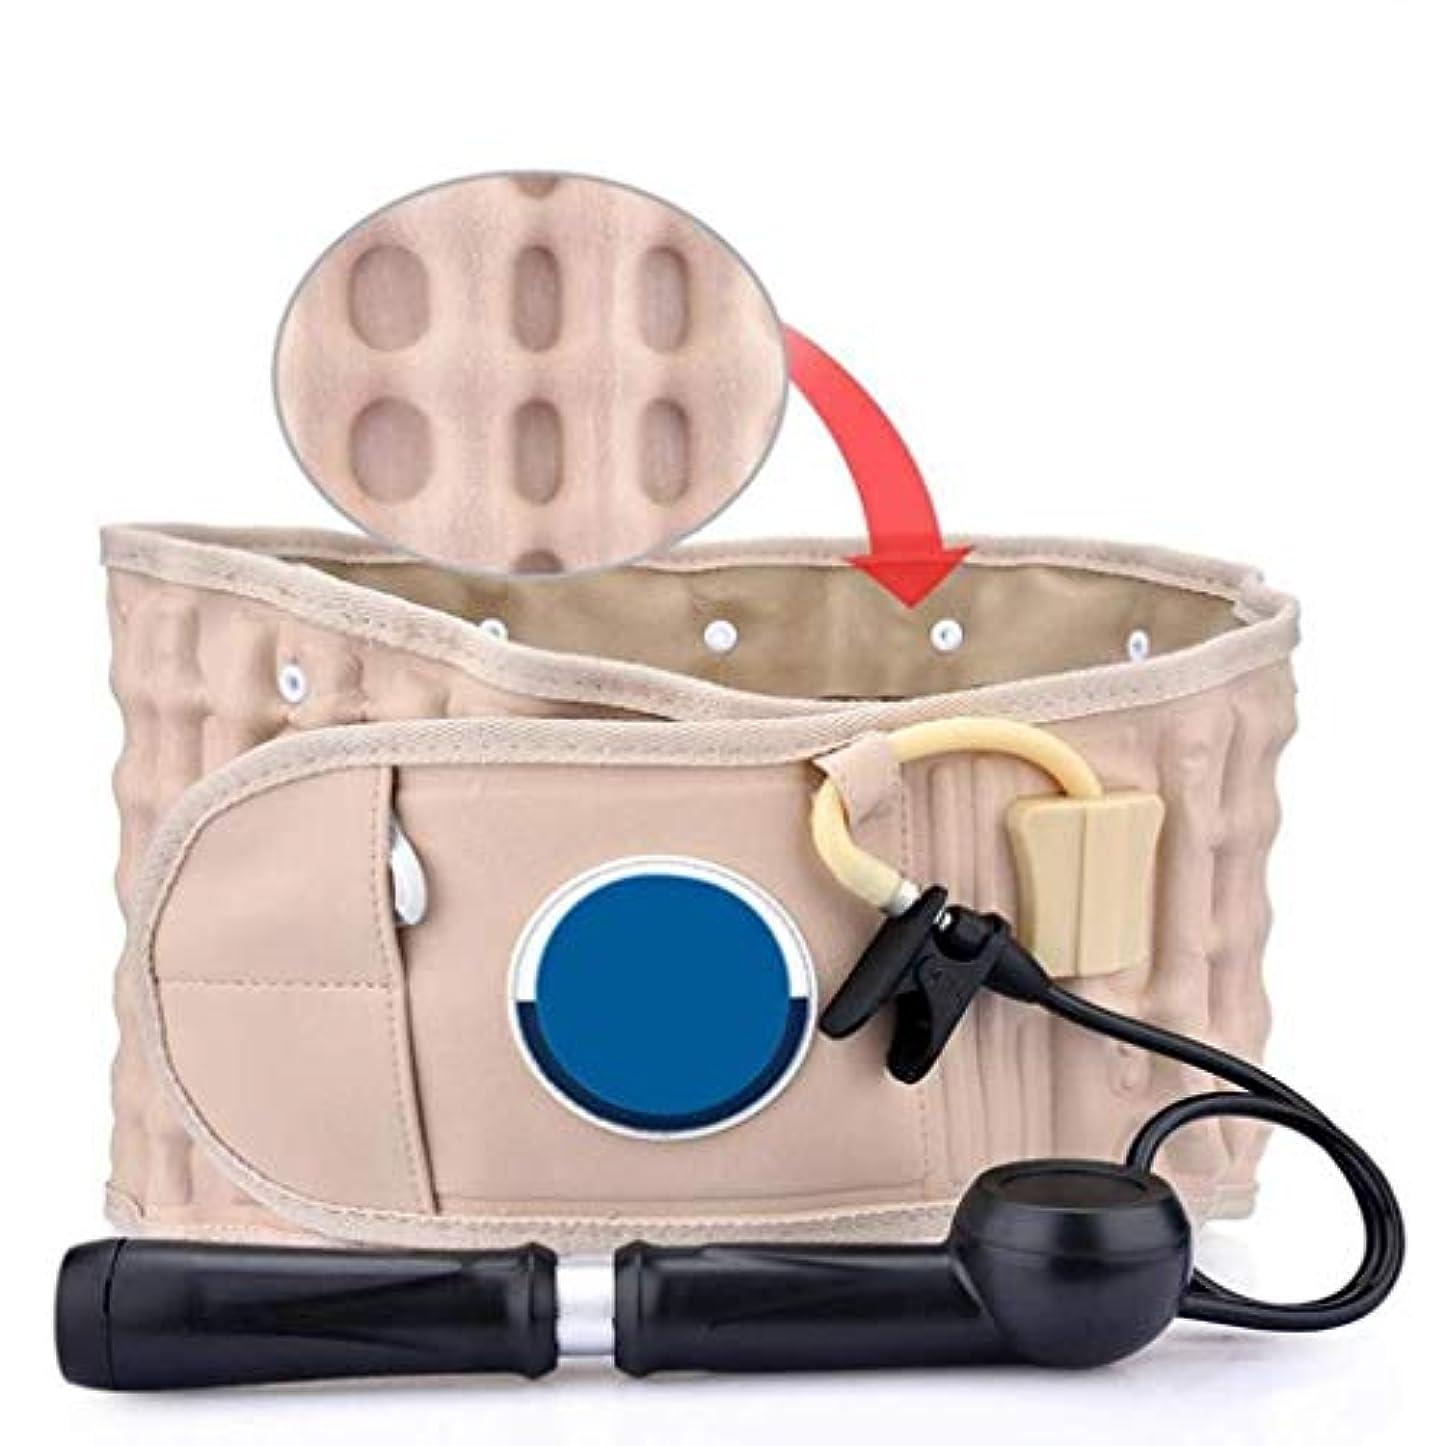 目立つガジュマルみがきますウエストマッサージャー、2-in-1ストラップにより脊椎の変形が改善され、腰の圧力が低下し、姿勢装具 (Color : Apricot)